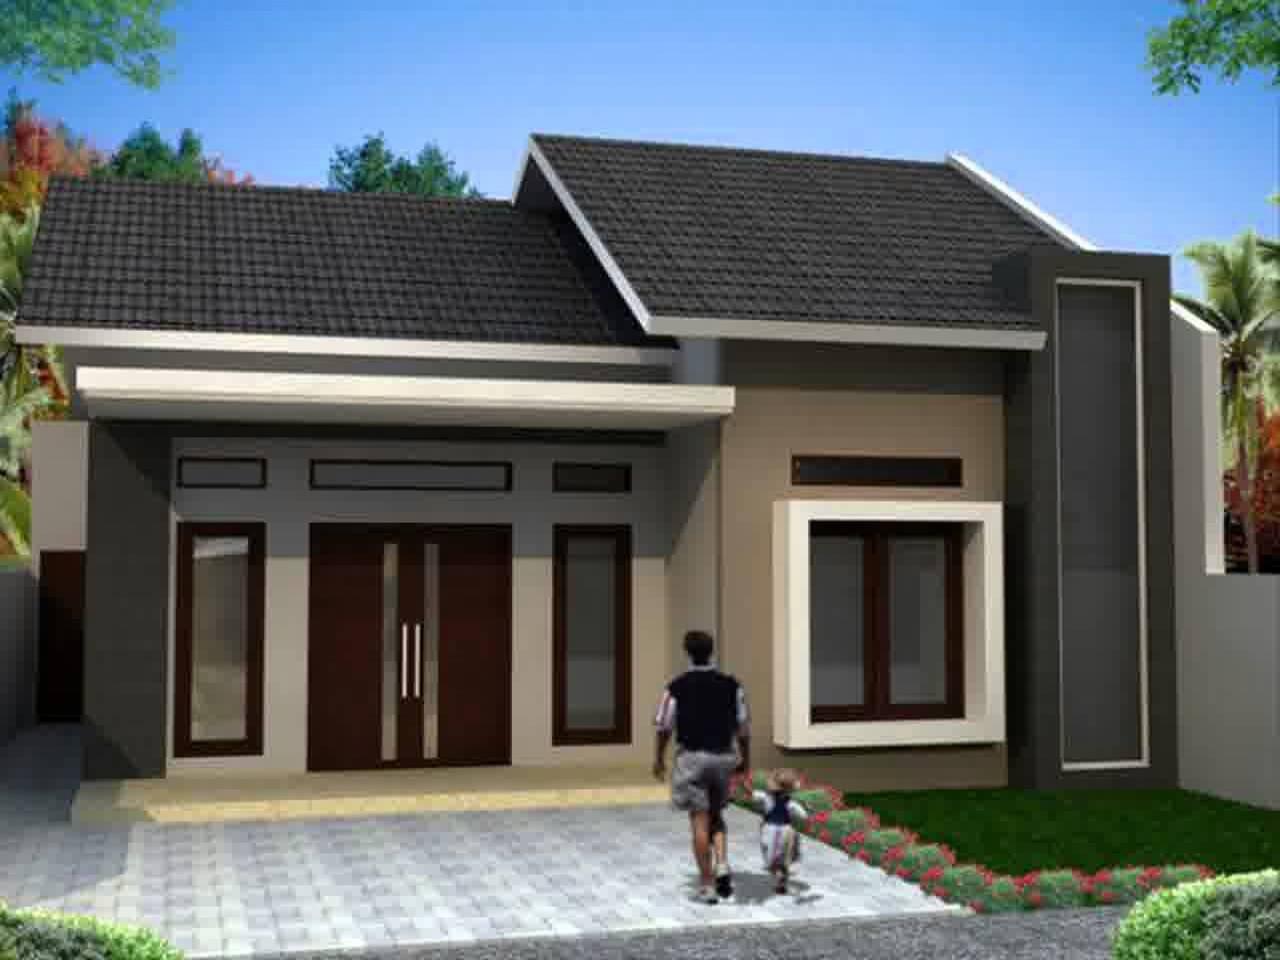 47 Macam Desain Rumah Minimalis Modern 6 X 9 Terbaru Dan Terbaik - Deagam  Design